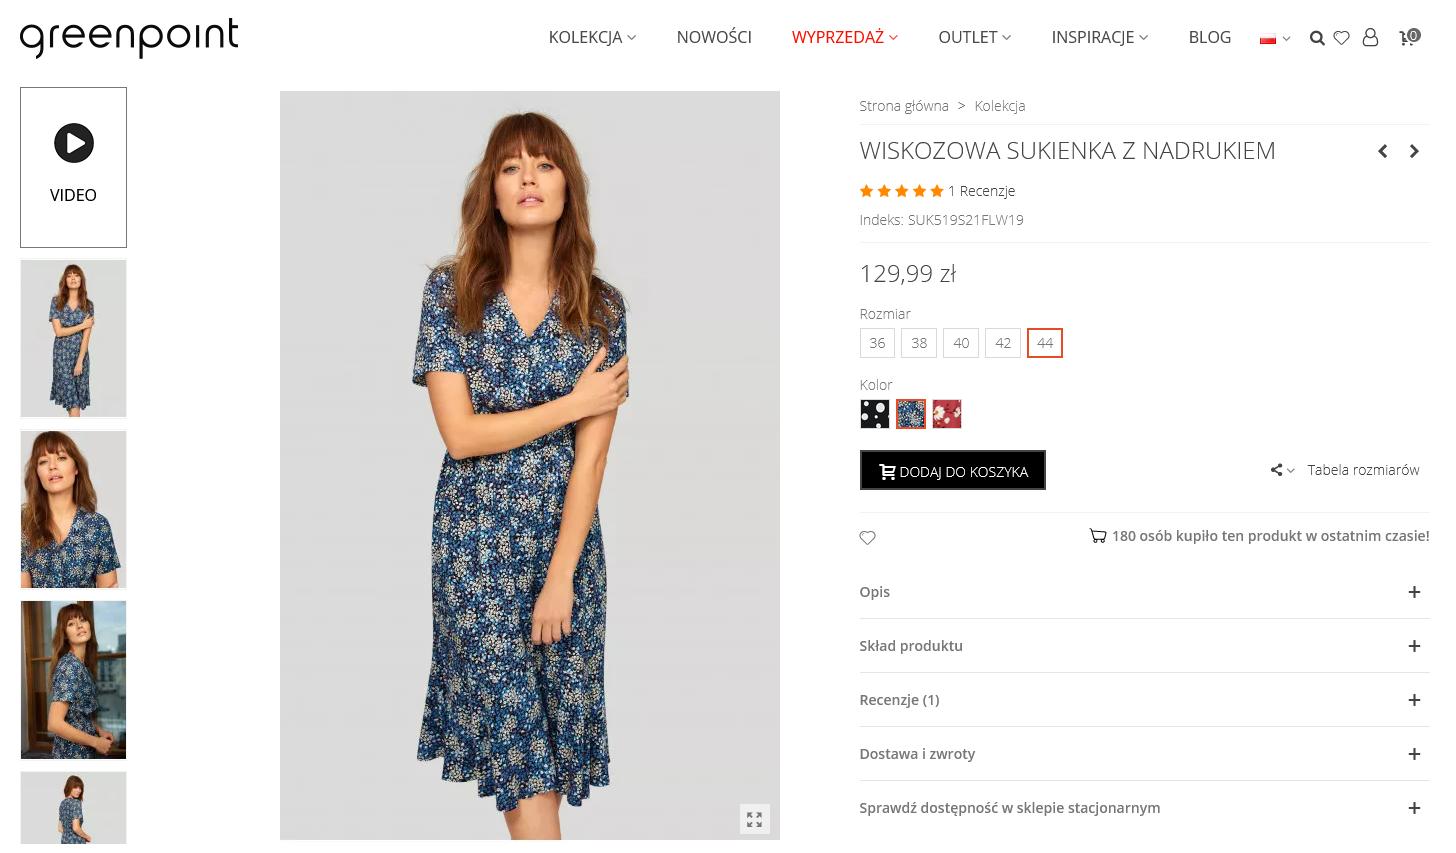 Screenshot_2021-03-02 Wiskozowa sukienka z nadrukiem Rozmiar 44 Kolor S21FLW19